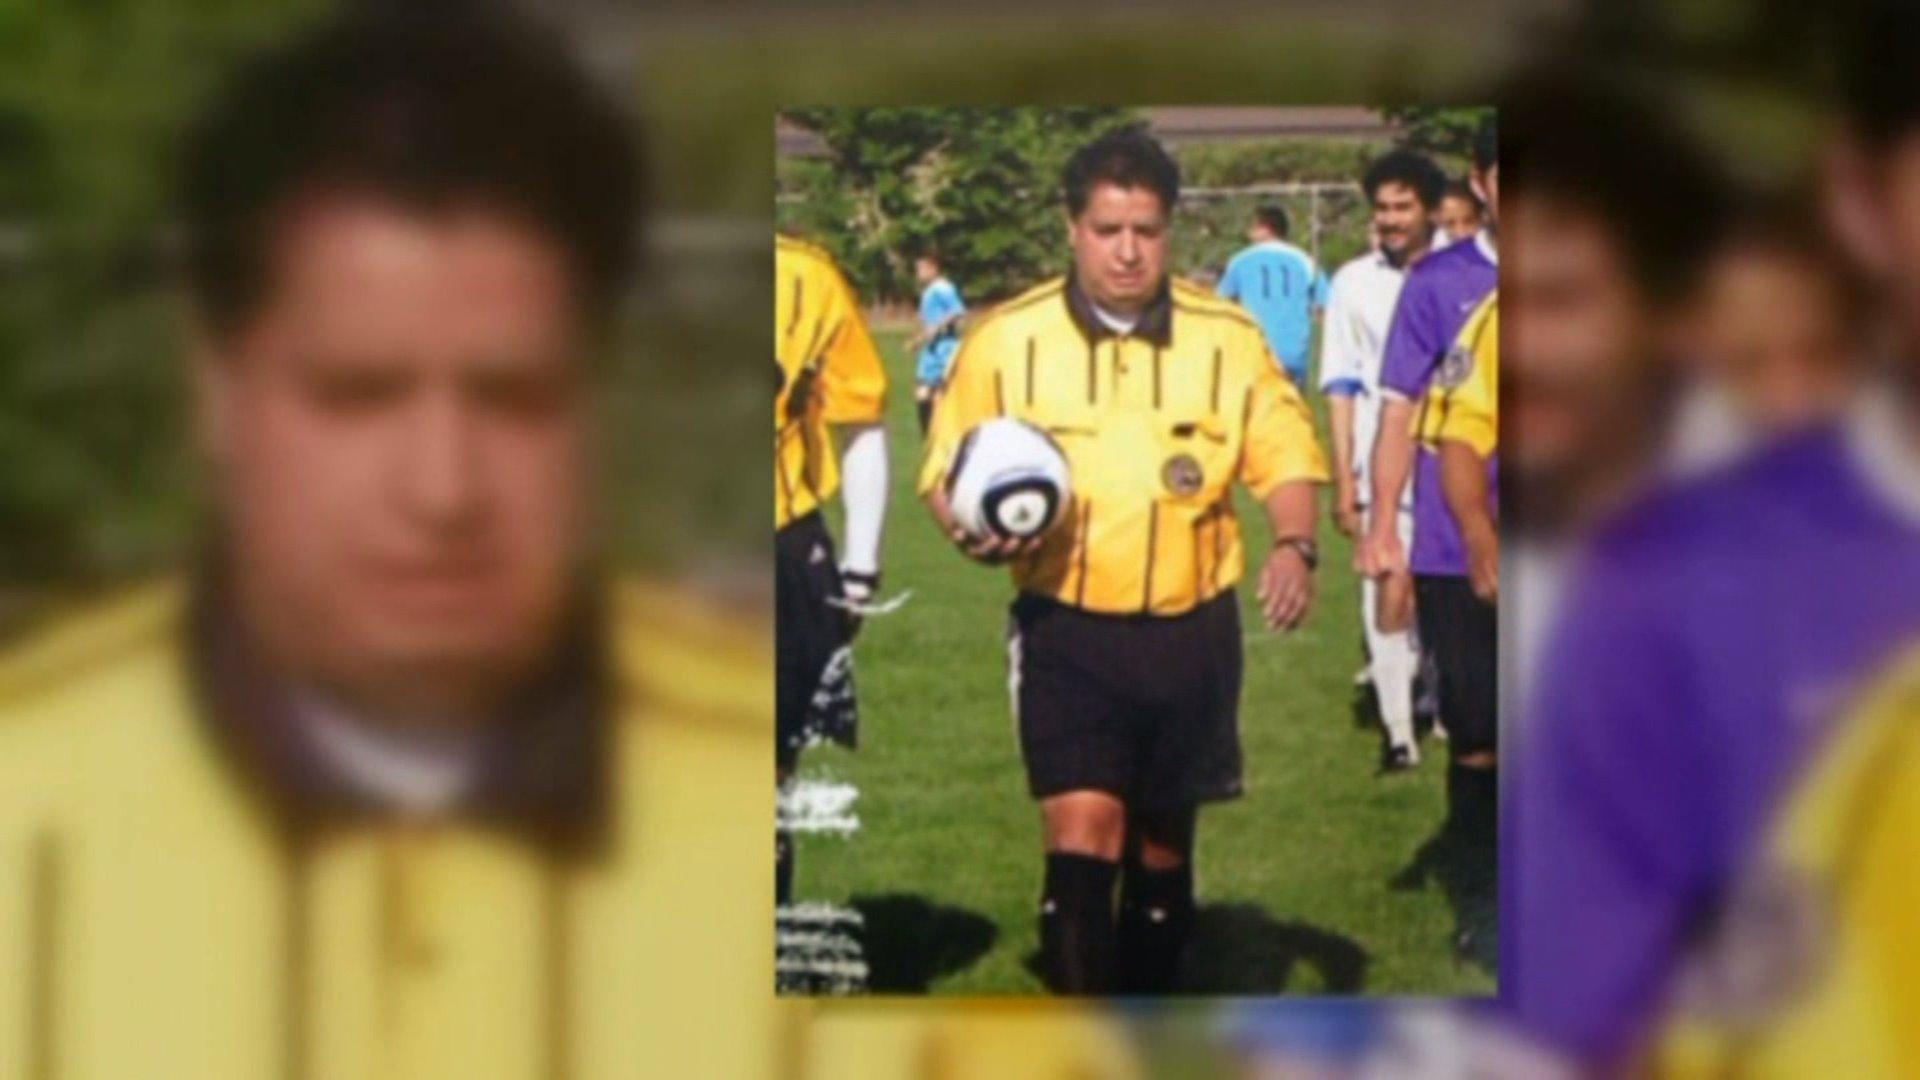 Mladý fotbalista napadl rozhodčího. Upadl do kómatu a zemřel